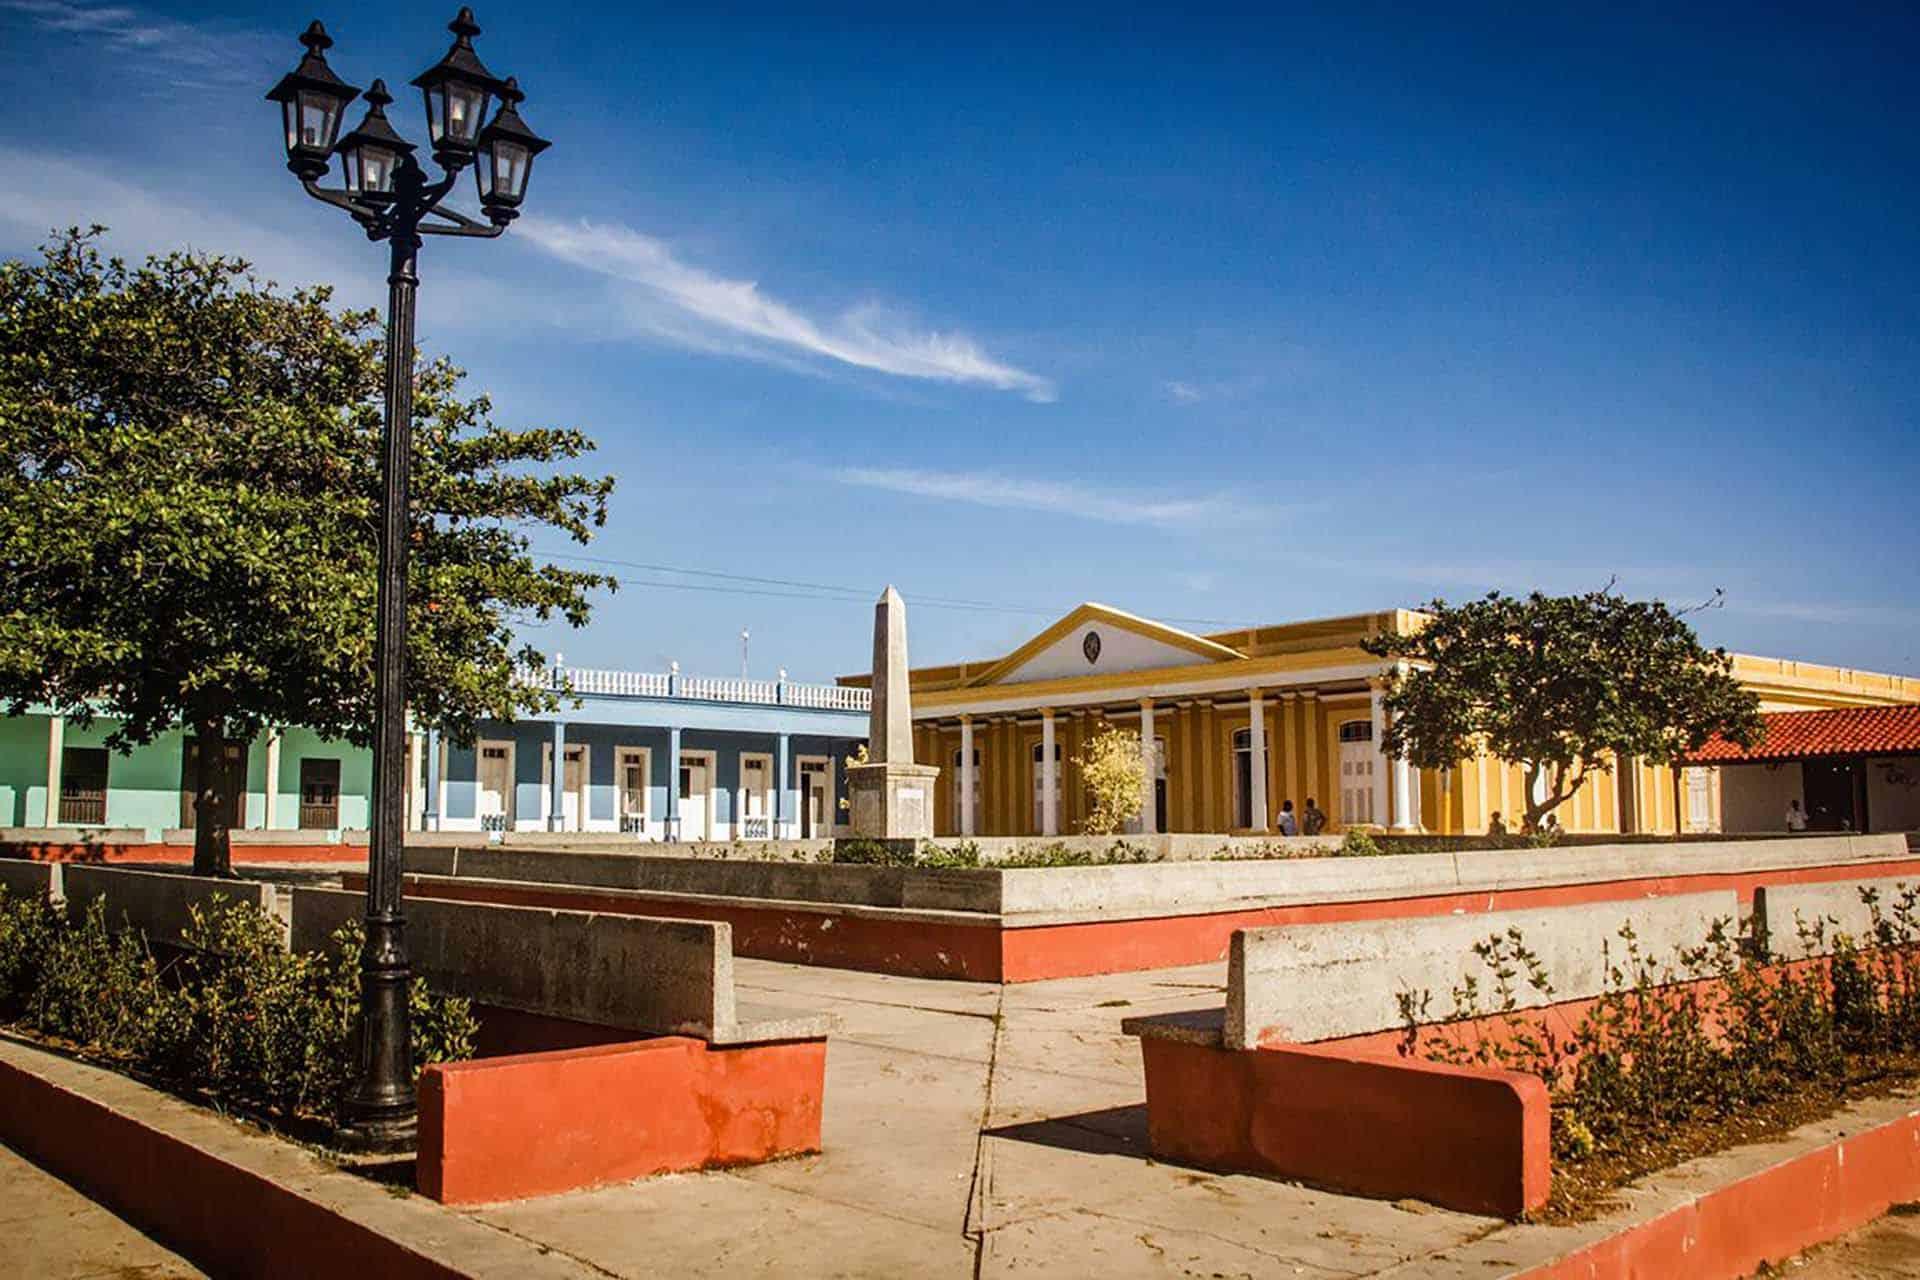 plaza colon cuba autrement